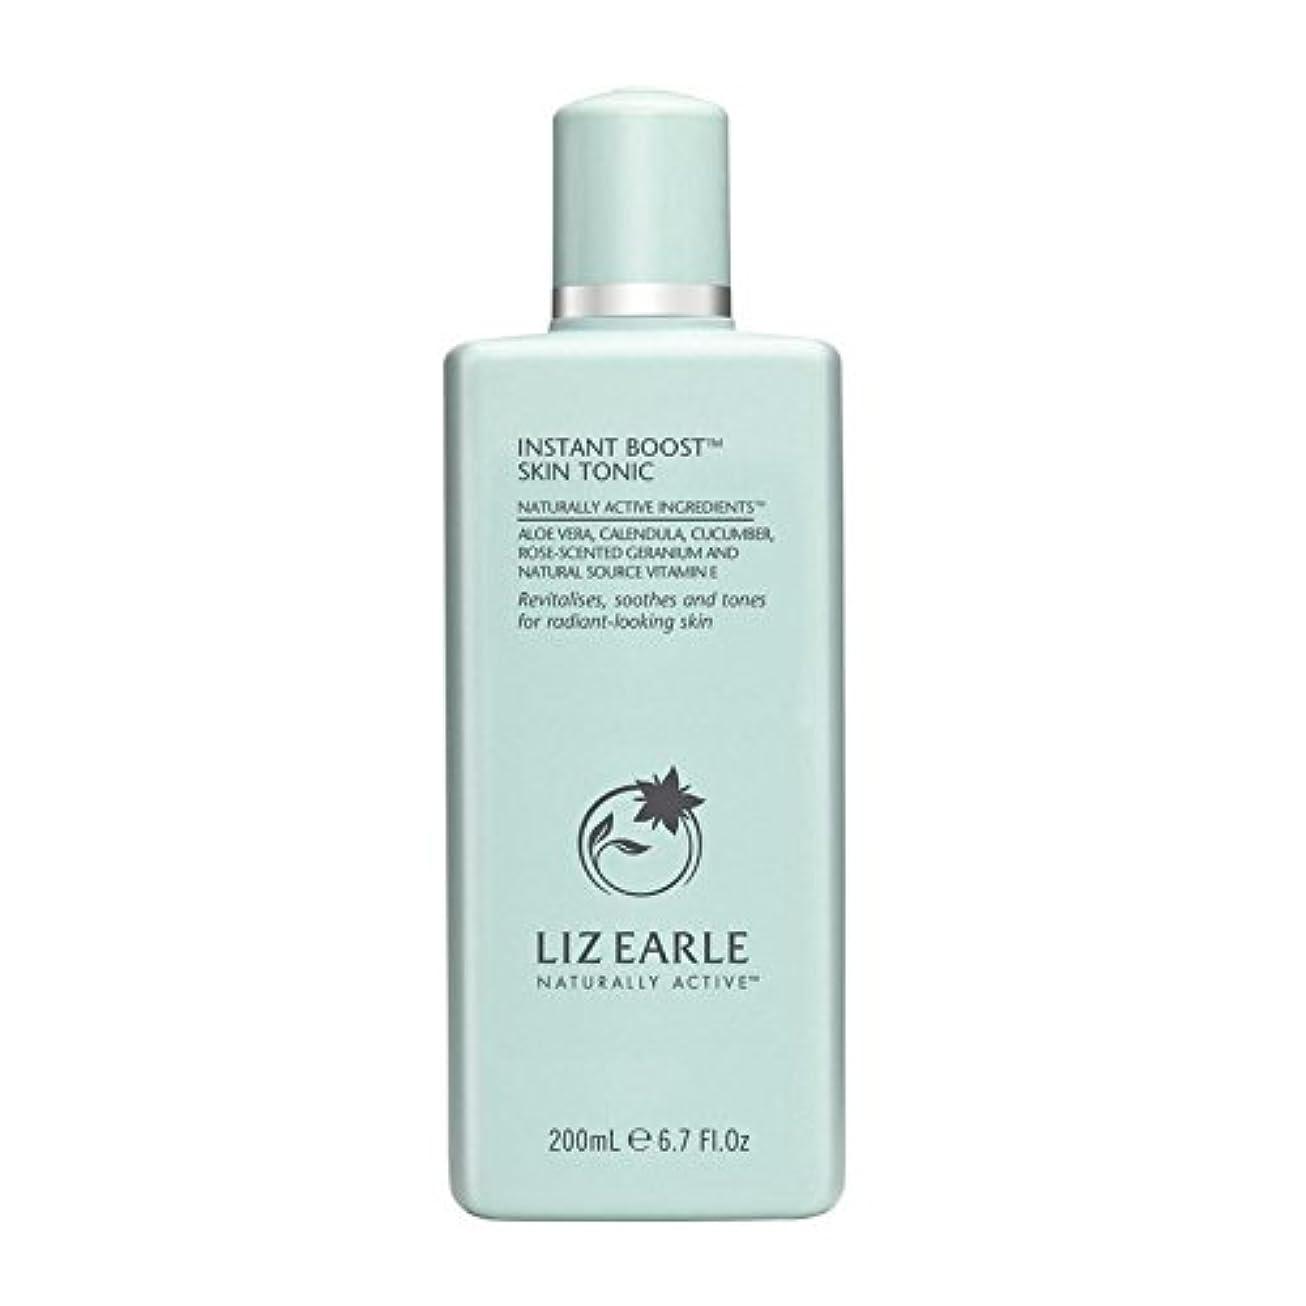 説明的符号マイクロLiz Earle Instant Boost Skin Tonic Bottle 200ml - リズアールインスタントブーストスキントニックボトル200ミリリットル [並行輸入品]